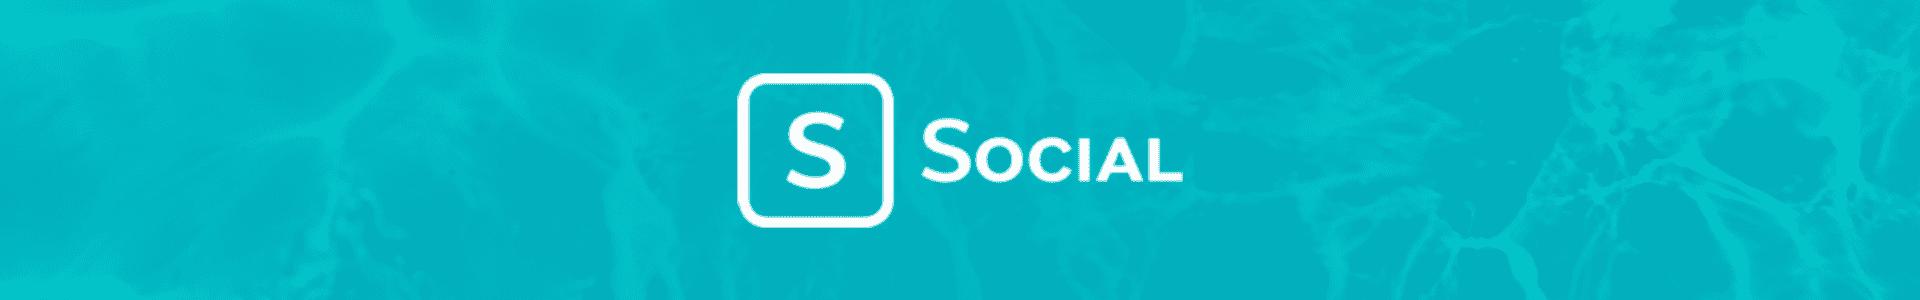 Buy Social CBD Online